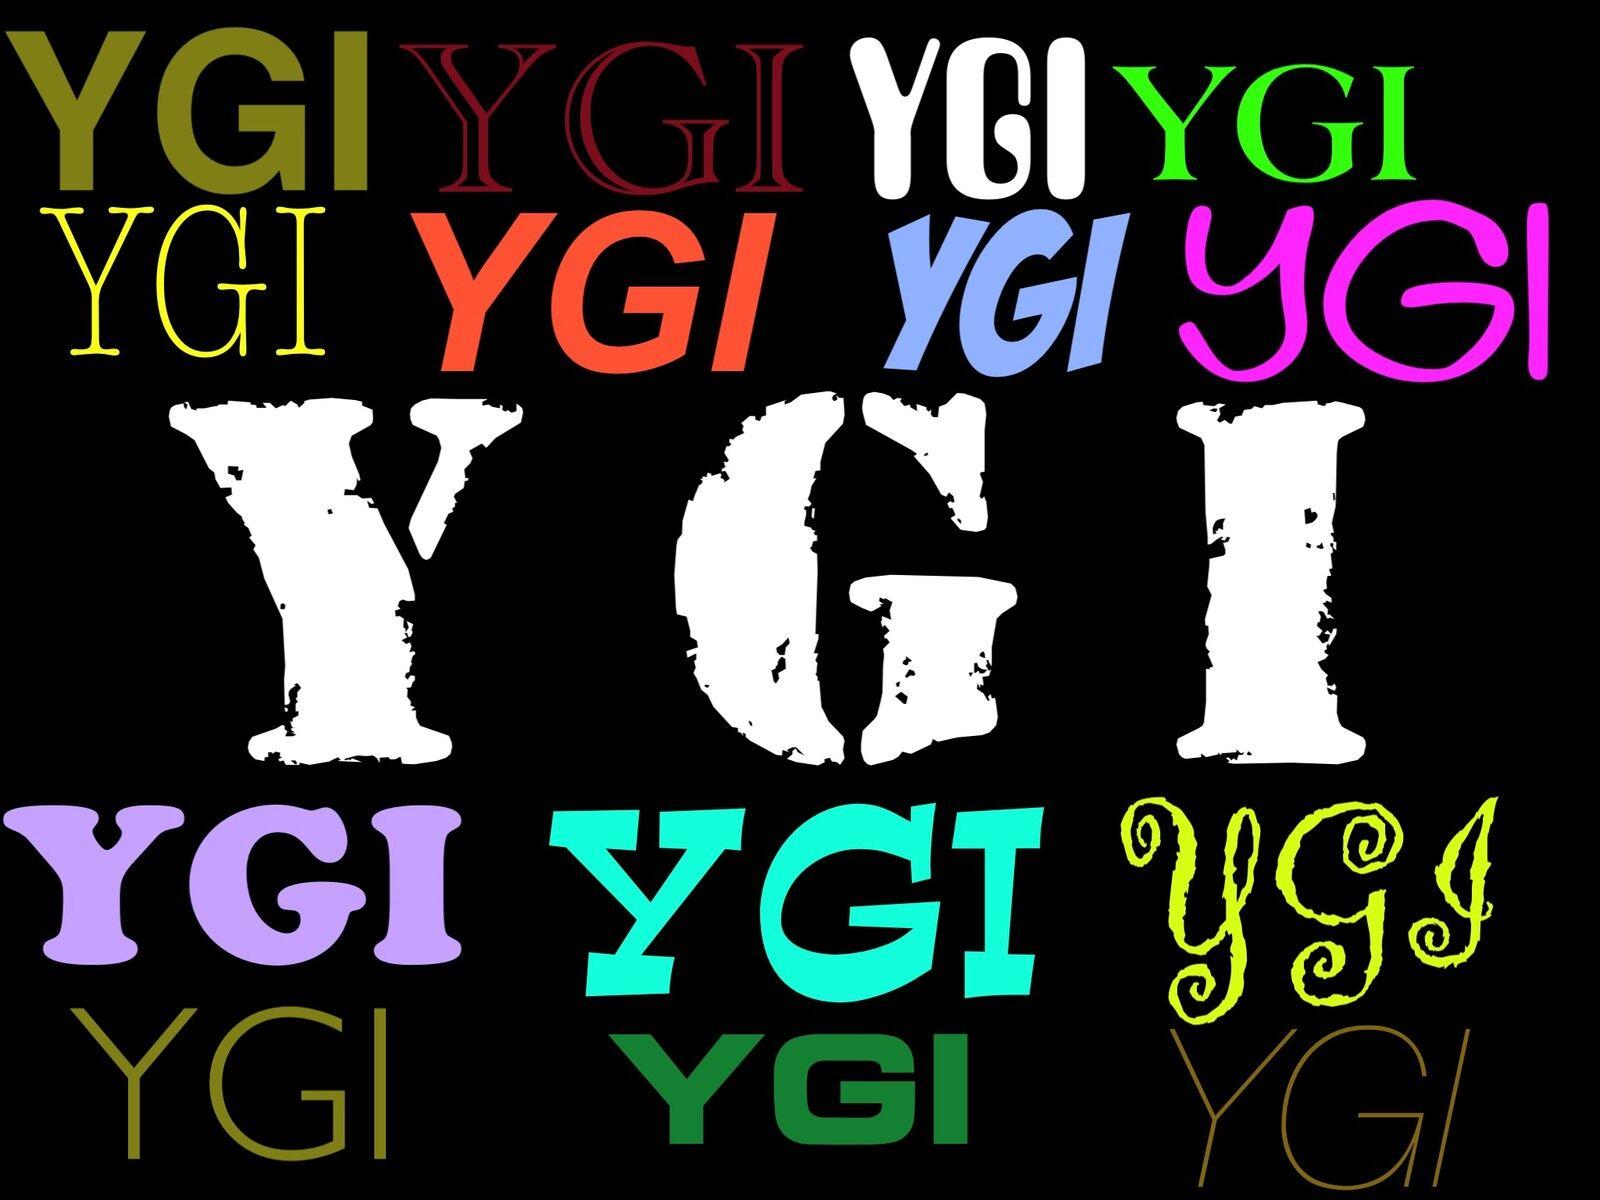 YouGetIt_YGI